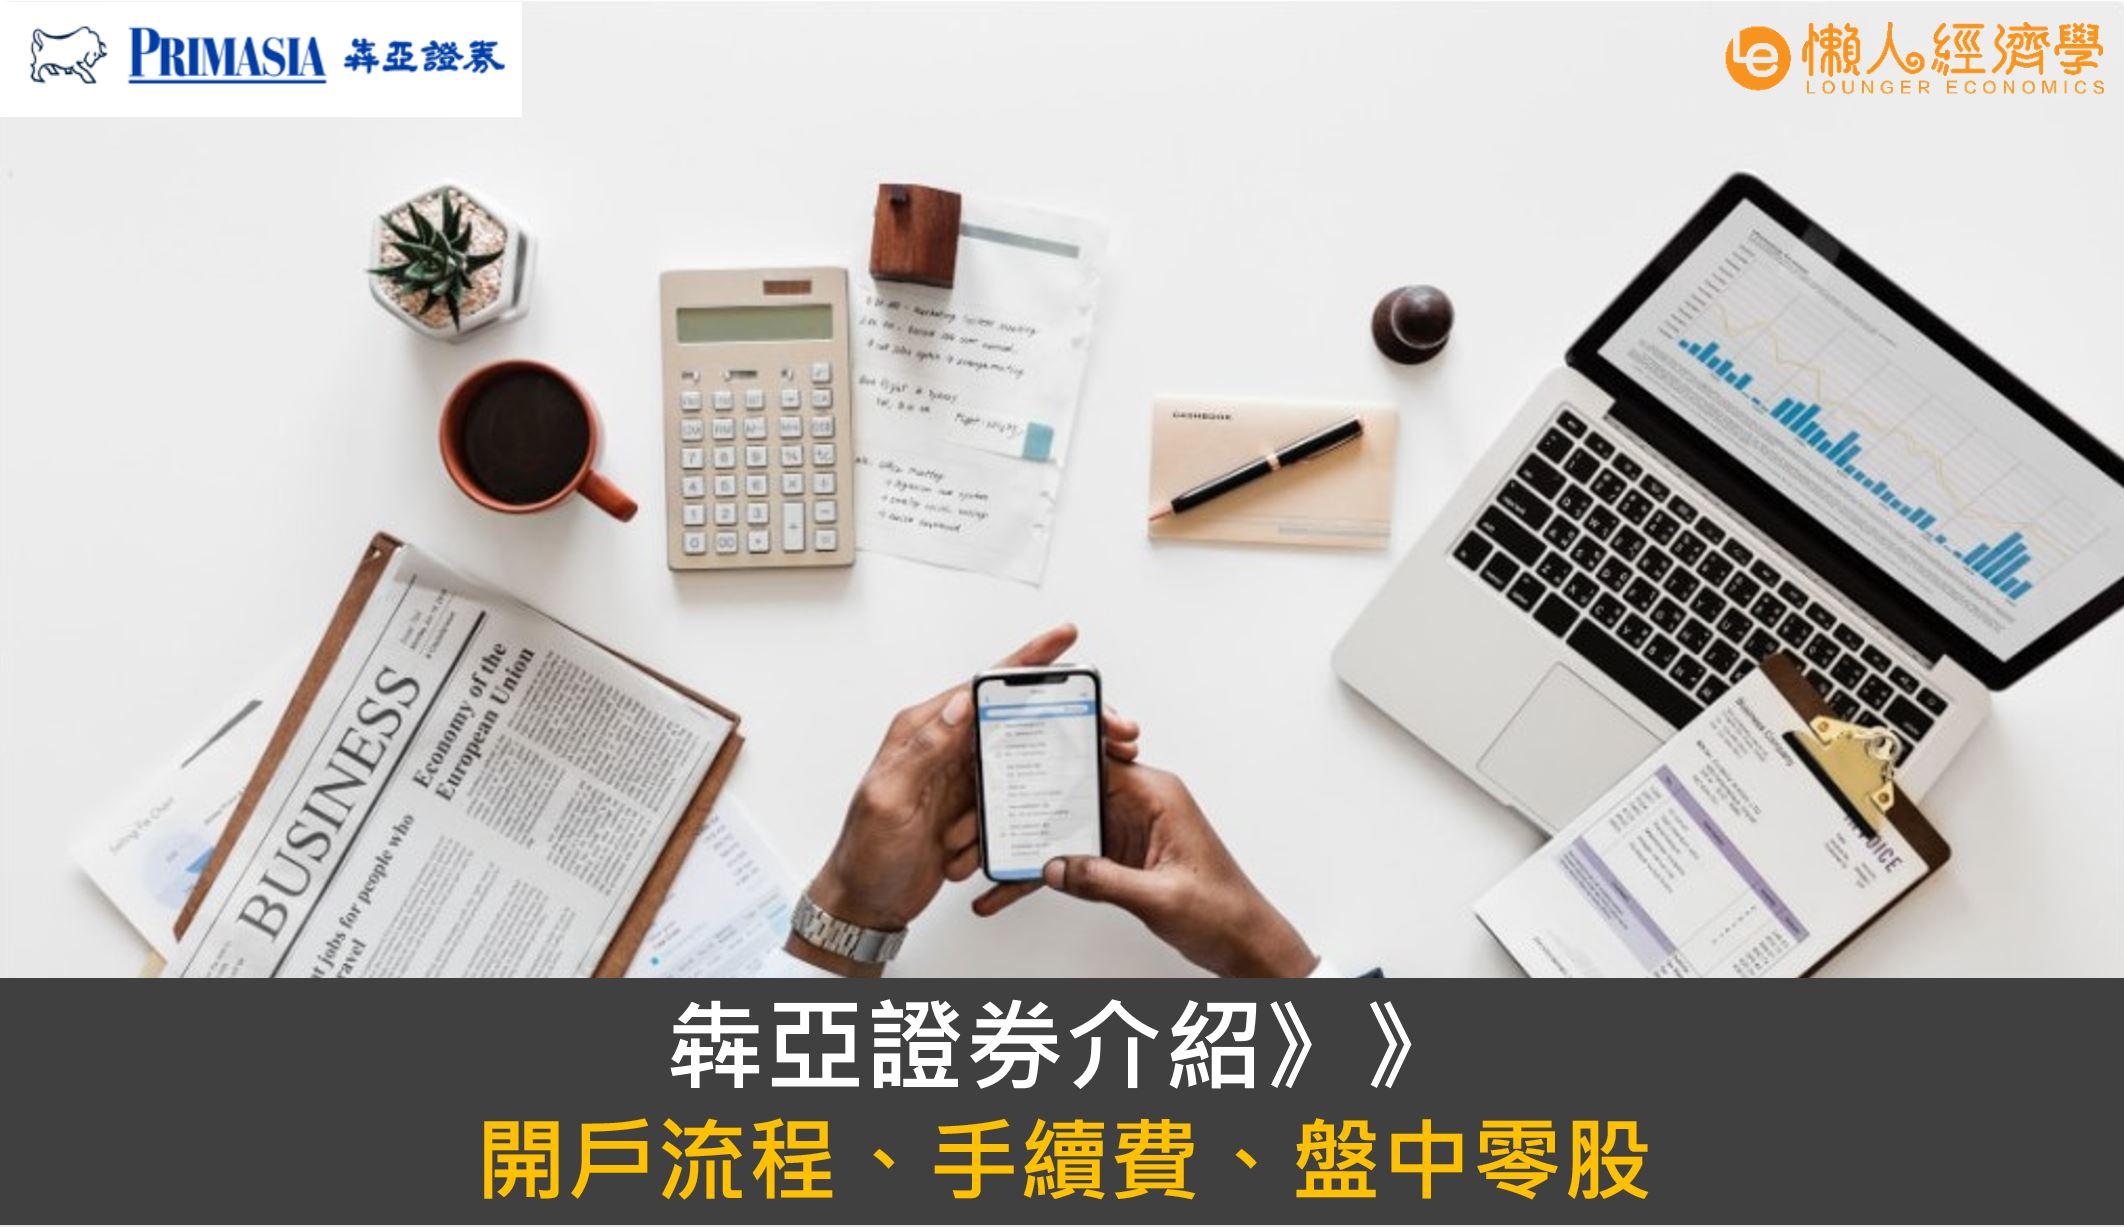 犇亞證券介紹》》開戶流程、手續費、使用心得總整理